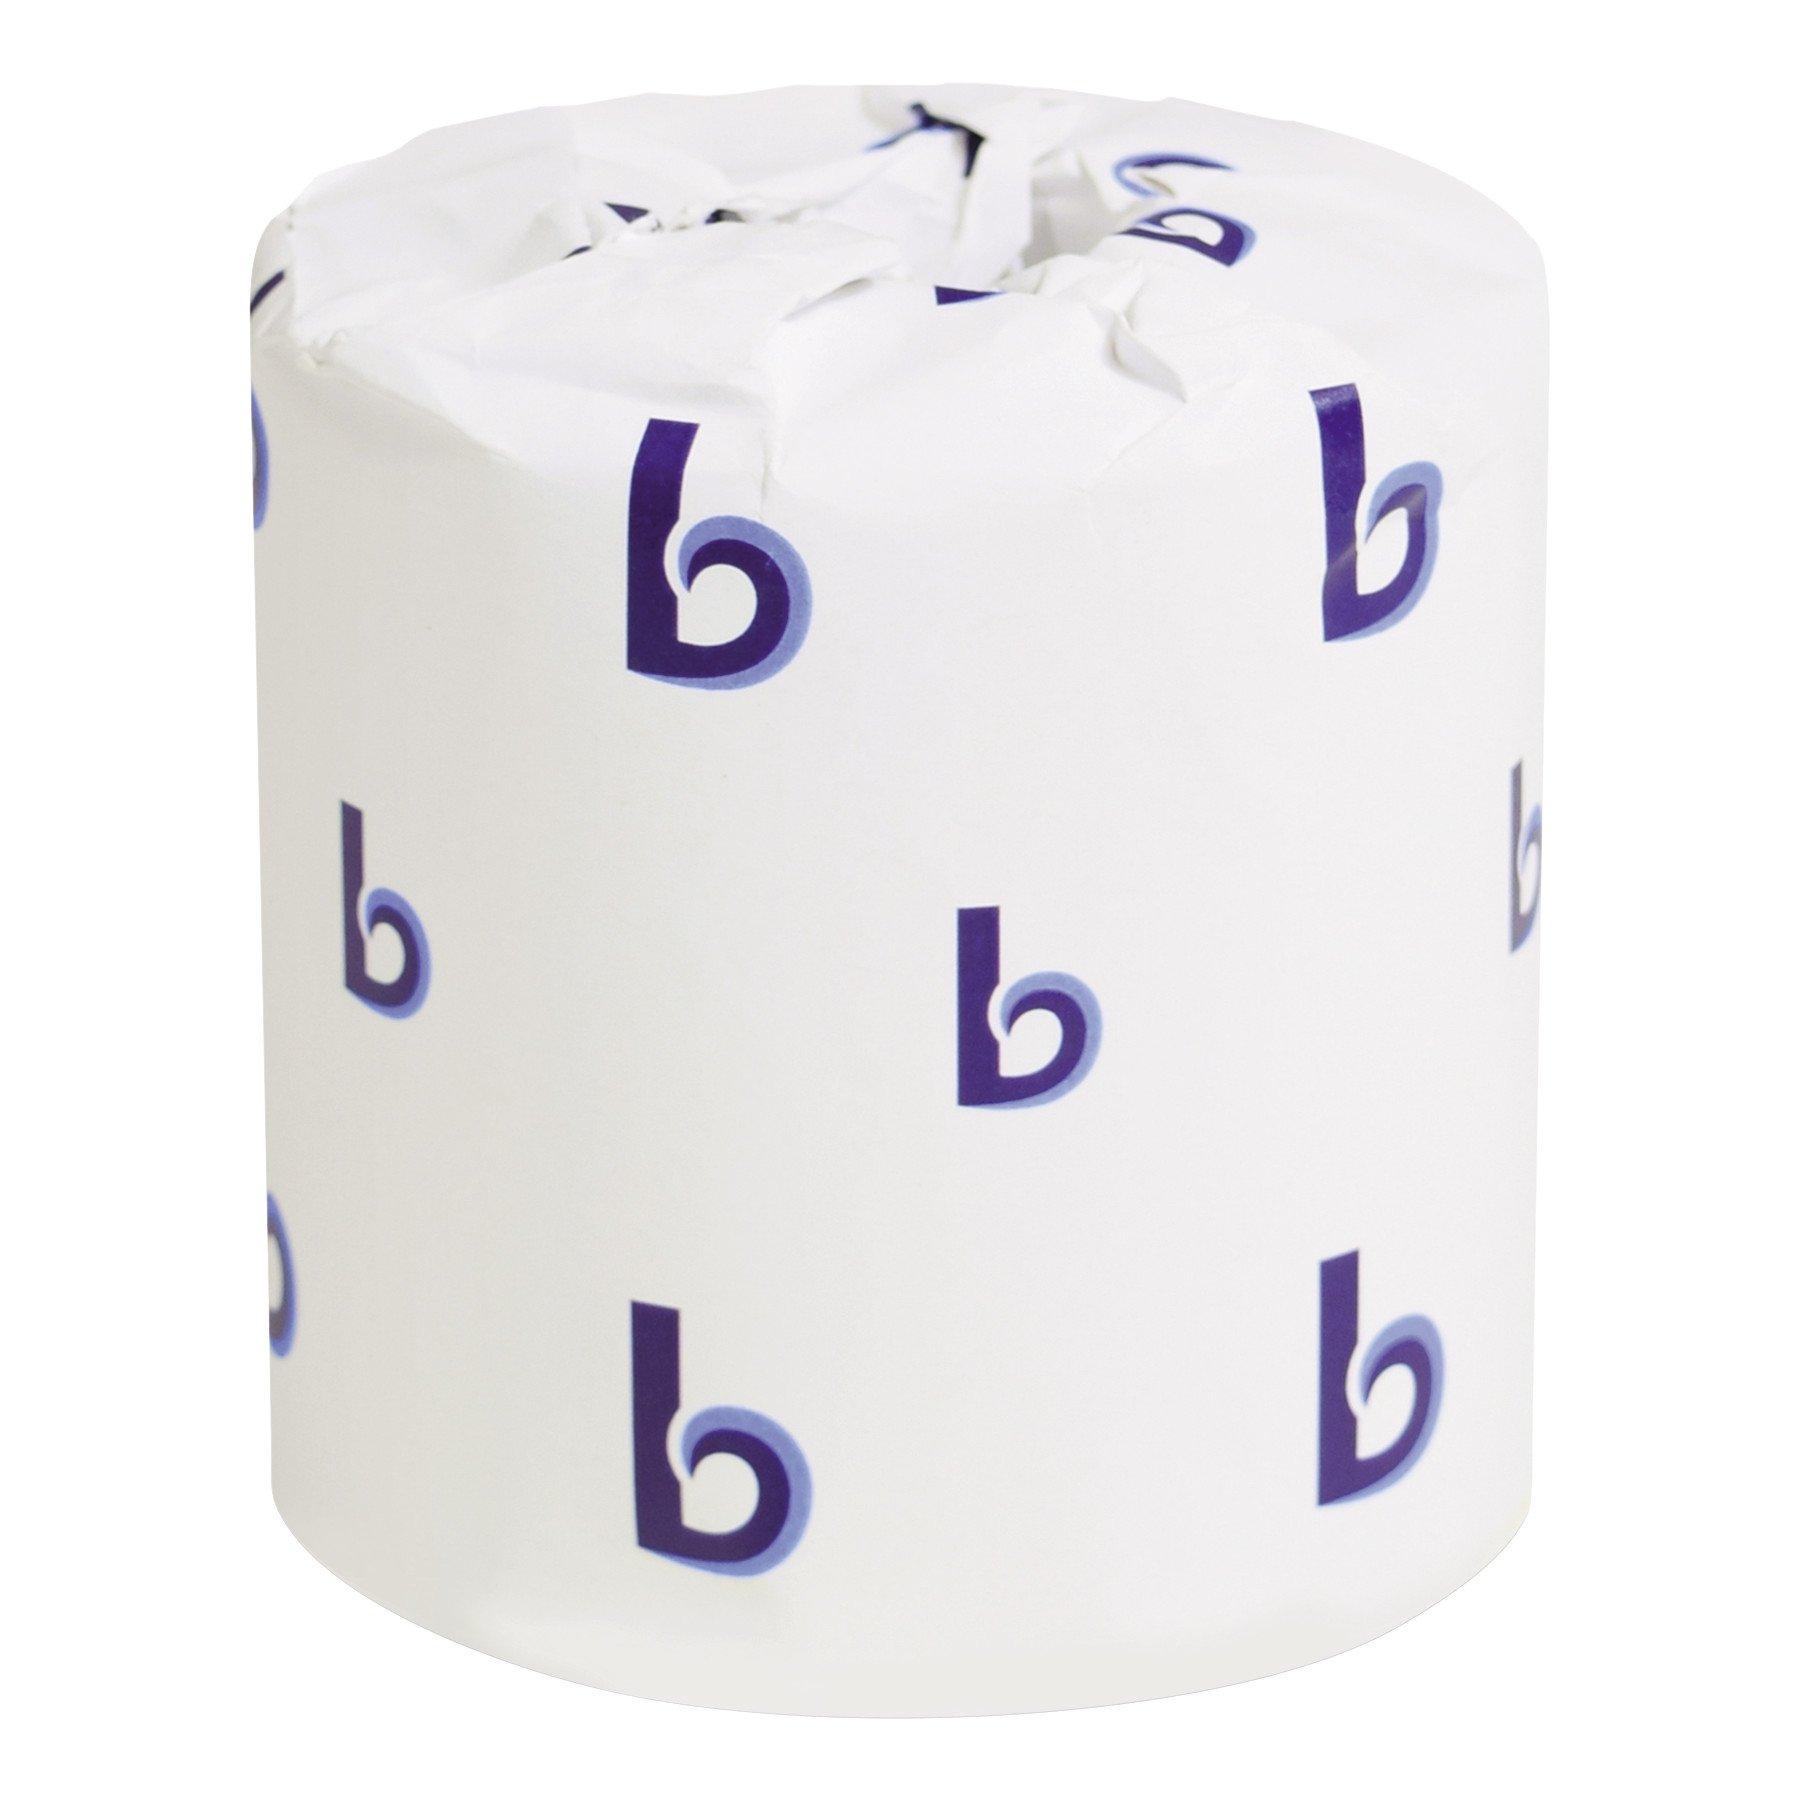 Boardwalk BWK6144 Two-Ply Toilet Tissue, White, 4'' x 3'' Sheet, 400 Sheets per Roll (Case of 96 Rolls) by Boardwalk